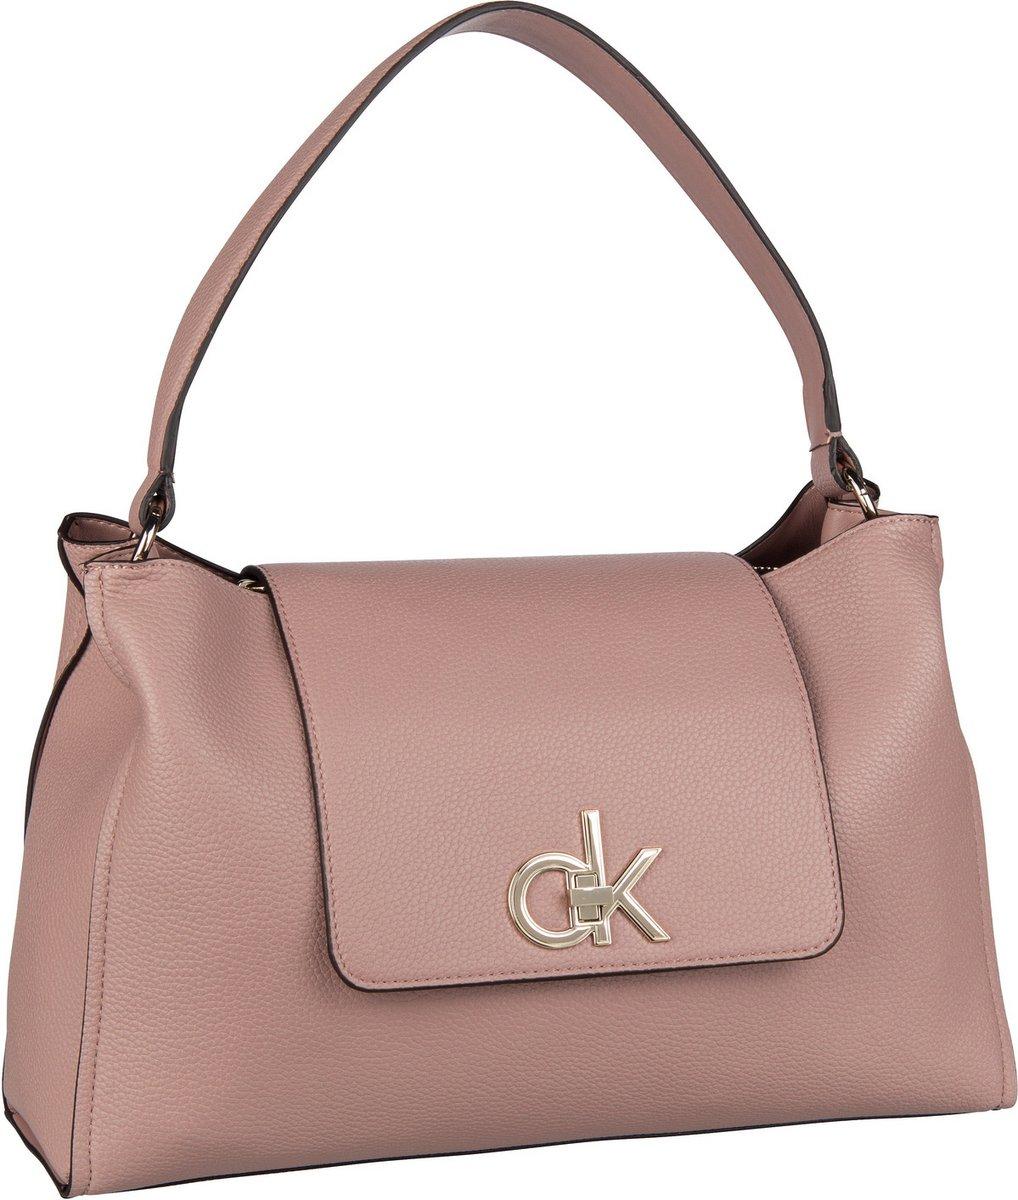 Calvin Handtaschen Calvin Von Klein Von Handtaschen